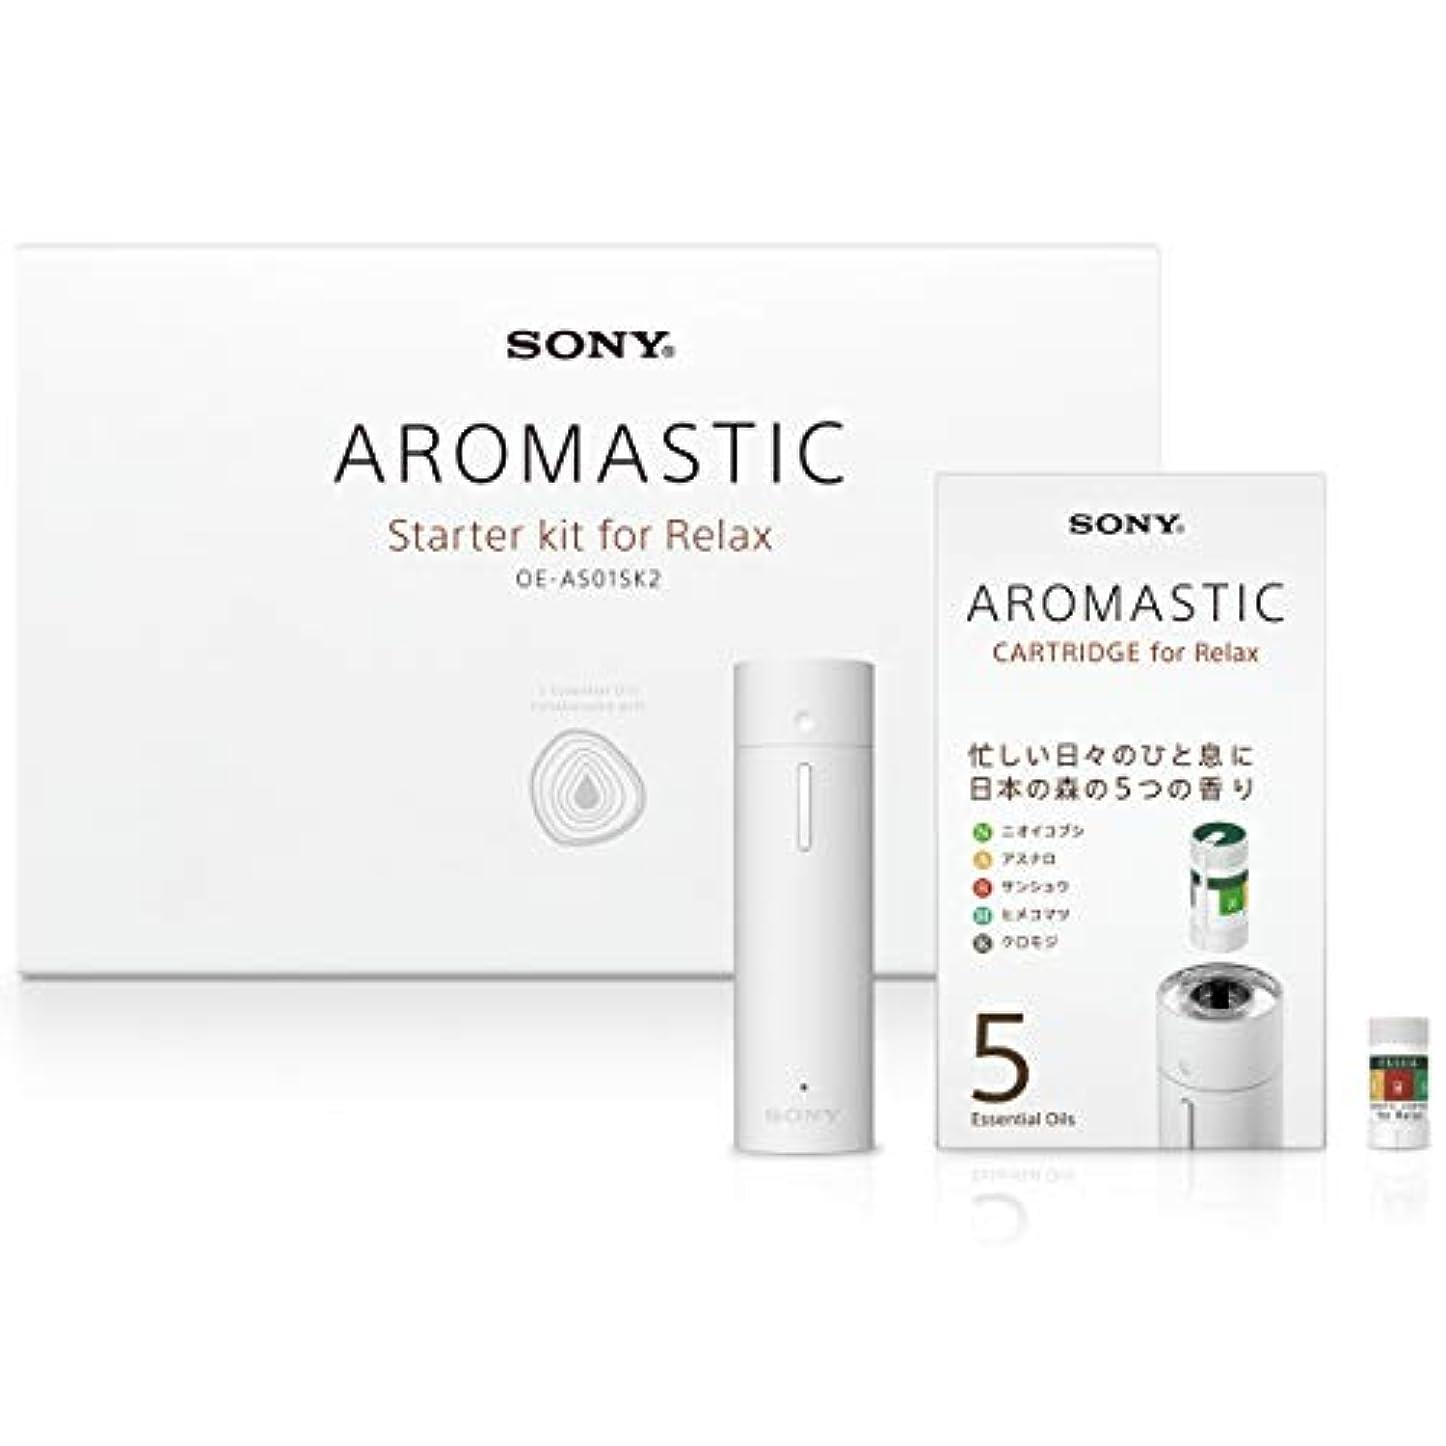 ぼかし硬さ正午AROMASTIC Starter kit for Relax(スターターキット for Relax) OE-AS01SK2